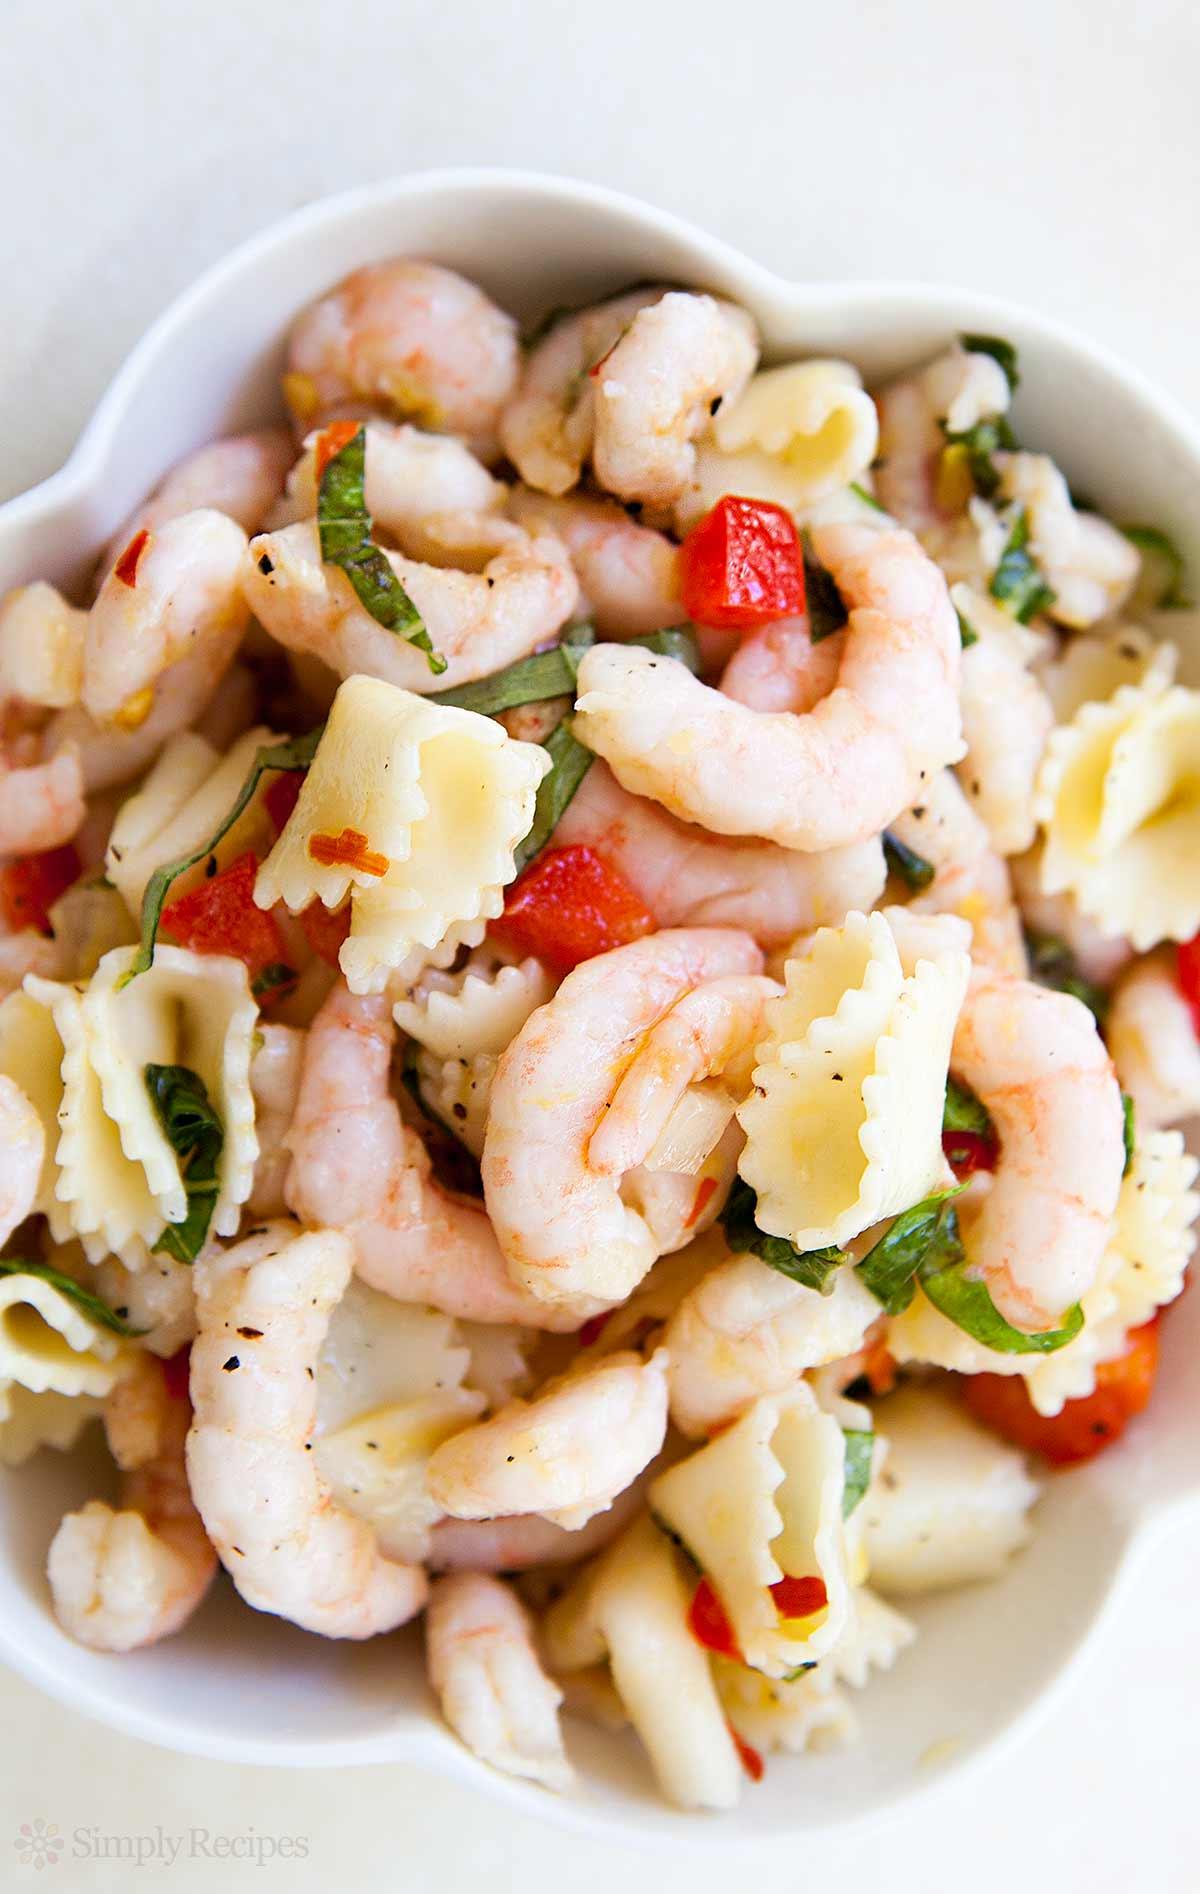 shrimp-pasta-salad-vertical-a2-1200